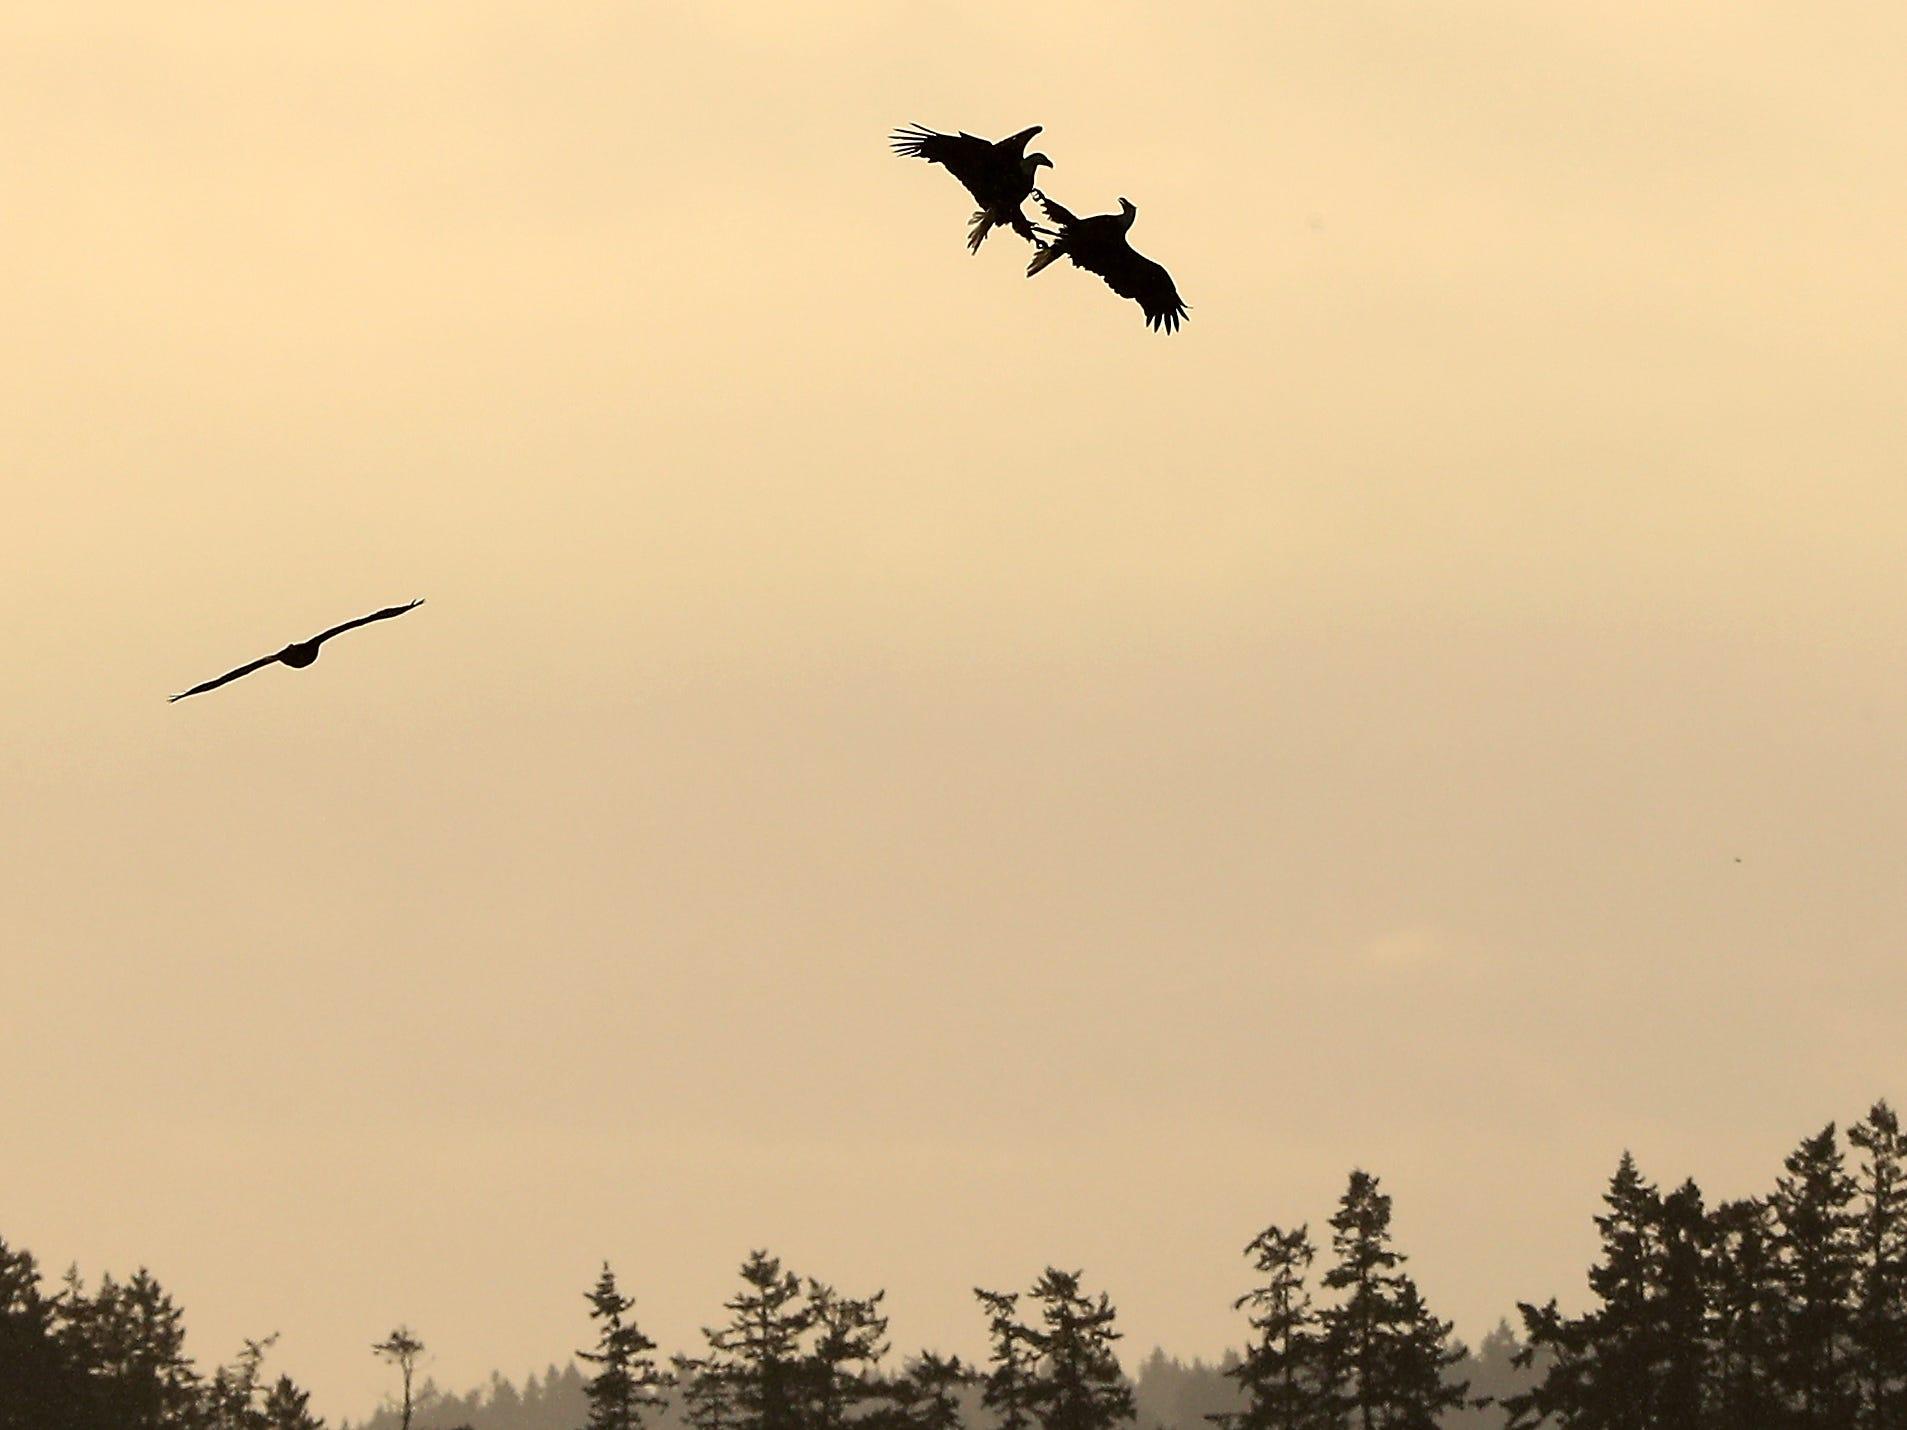 Bald eagles are silhouetted against the hazy sky as they spar above Bainbridge Island's Eagle Harbor on Friday, January 4, 2019. (Meegan M. Reid / Kitsap Sun)